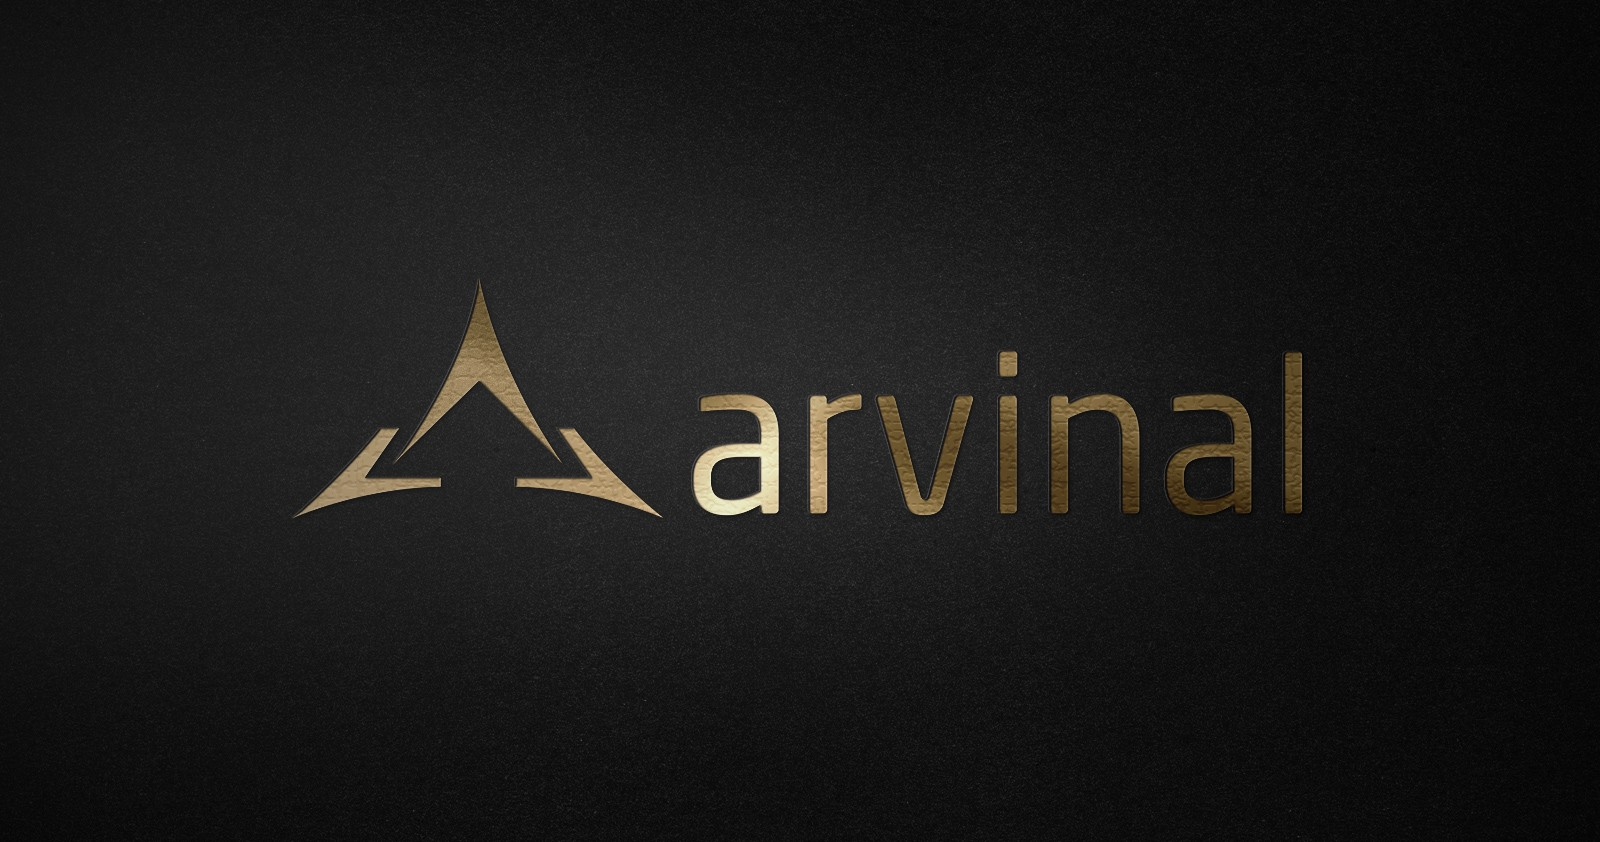 Arvinal logo kurumsal kimlik tasarımı 01